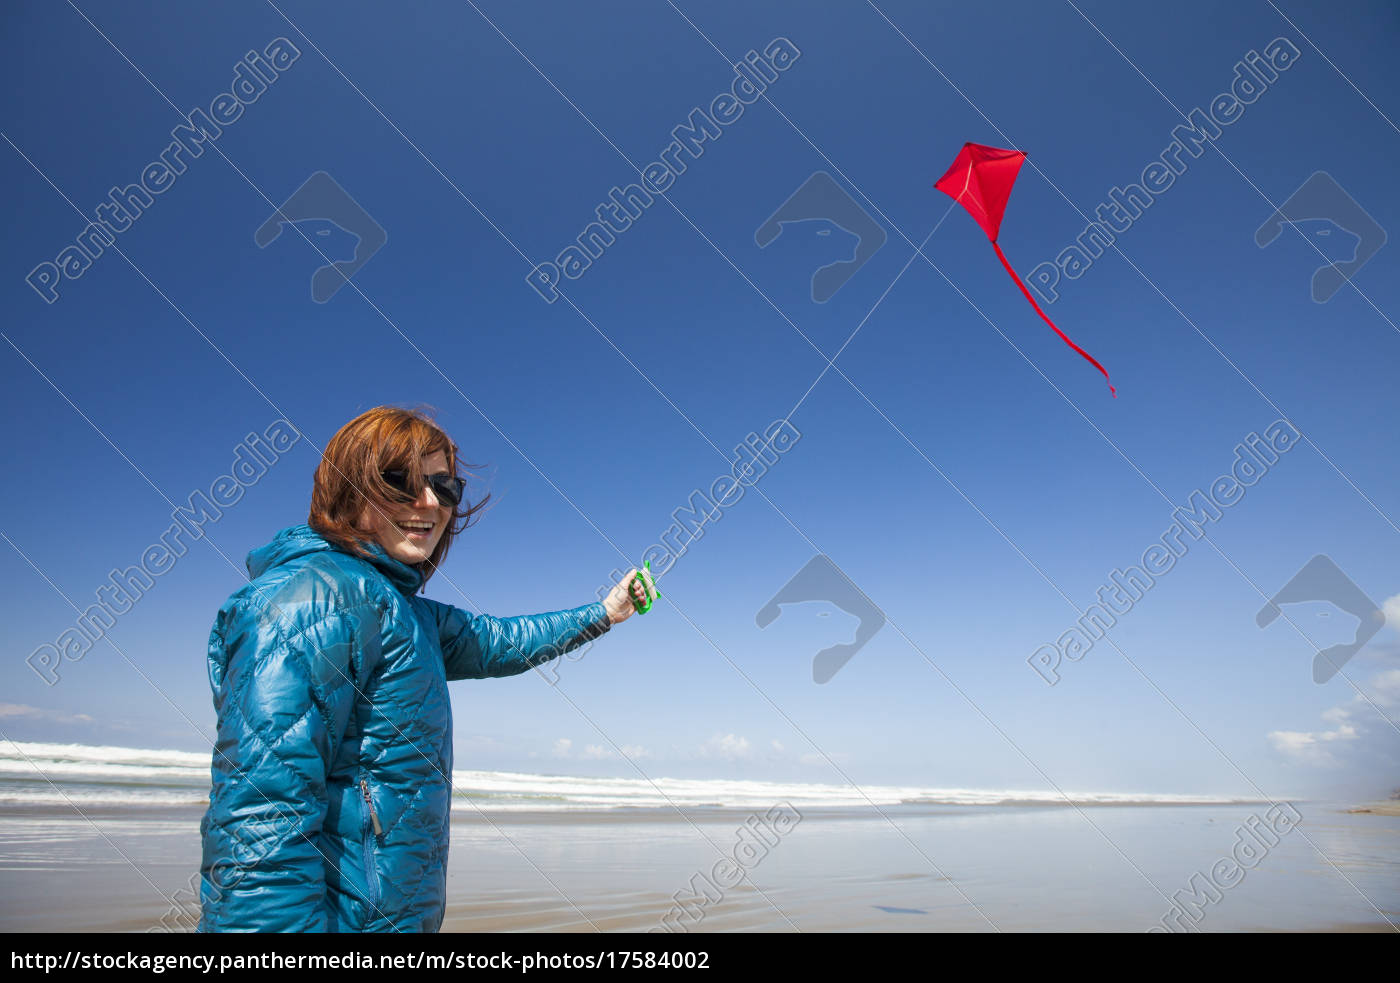 eine, junge, frau, fliegt, einen, roten - 17584002